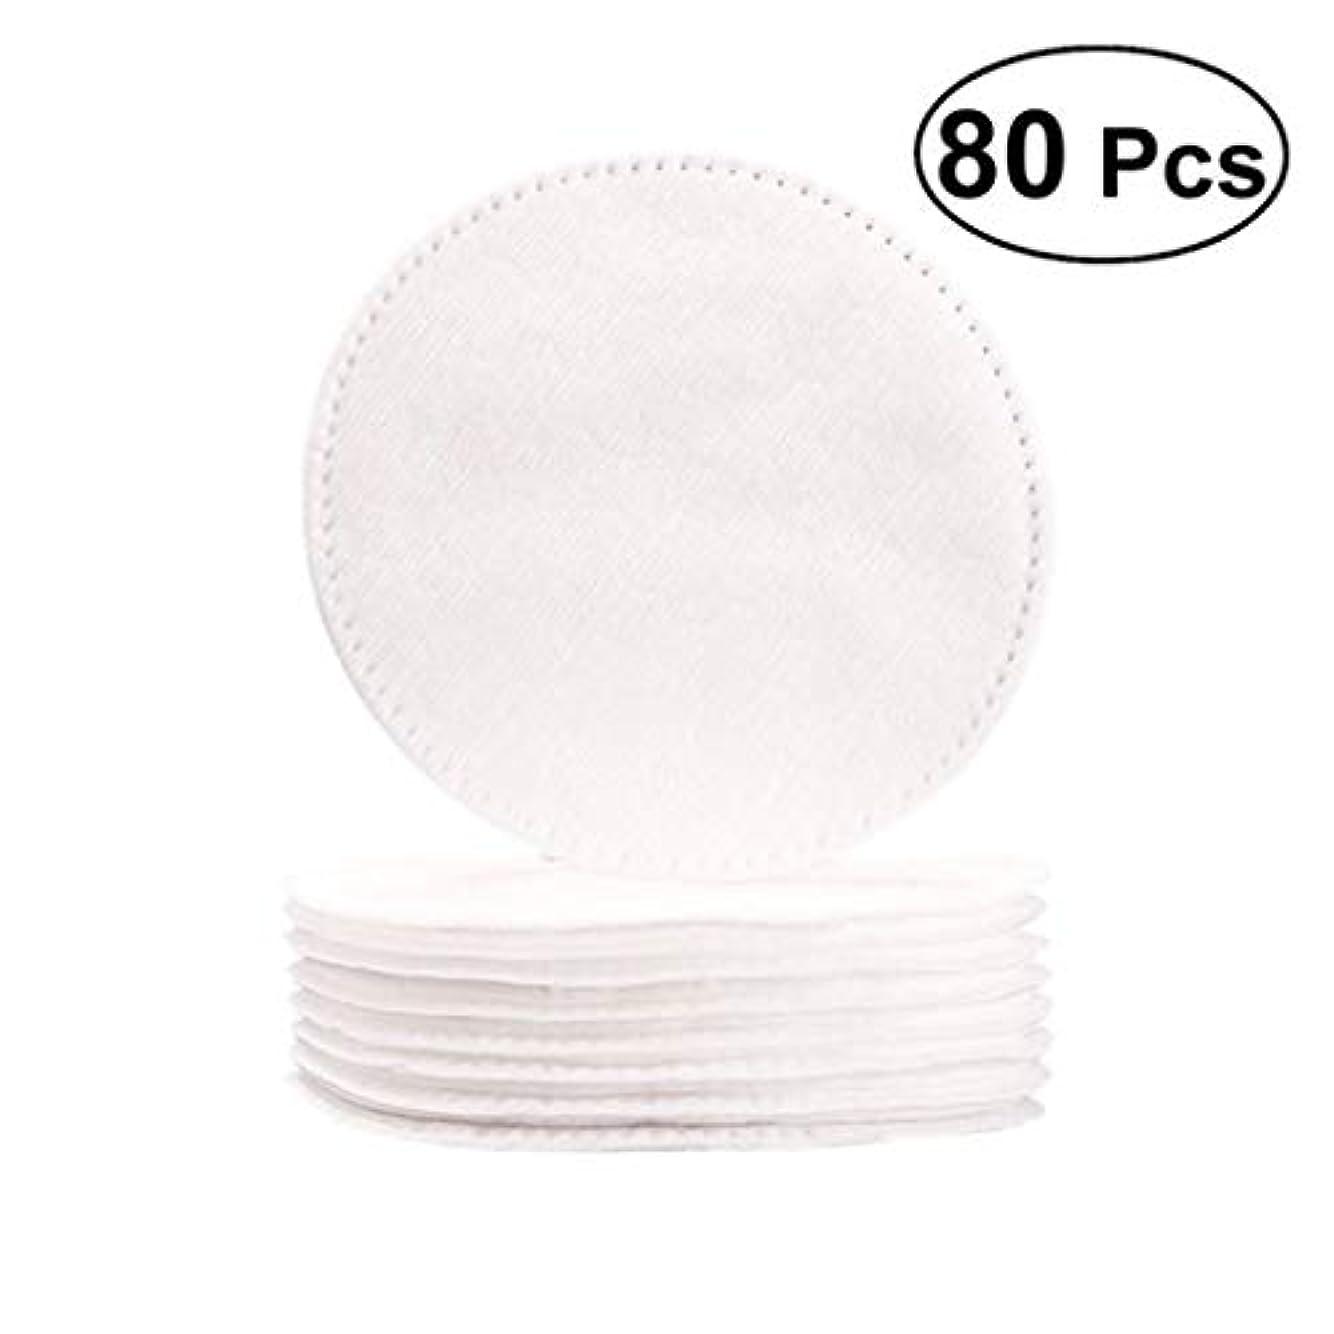 定数コンテスト現在クレンジングシート 80ピースコットンパッド使い捨てダブルフェイスクレンジングクリーニングパッドフェイシャルコットンシートネイルスキンケアコットンパッド (Color : White, サイズ : 5.5cm)